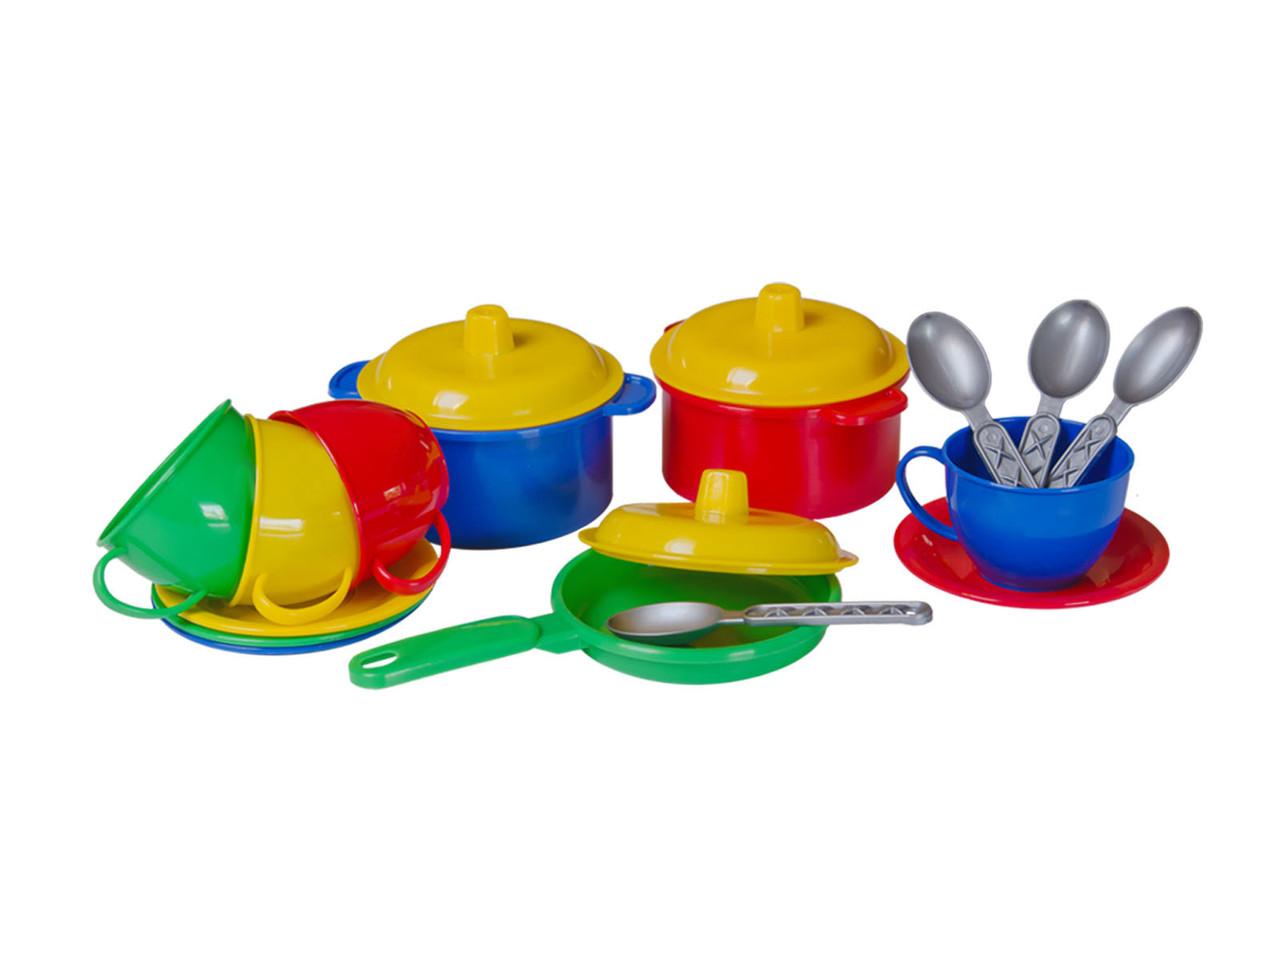 Детская посудка Маринка 1 (в кульке) пластик Технок - Style-Baby детский магазин в Киеве